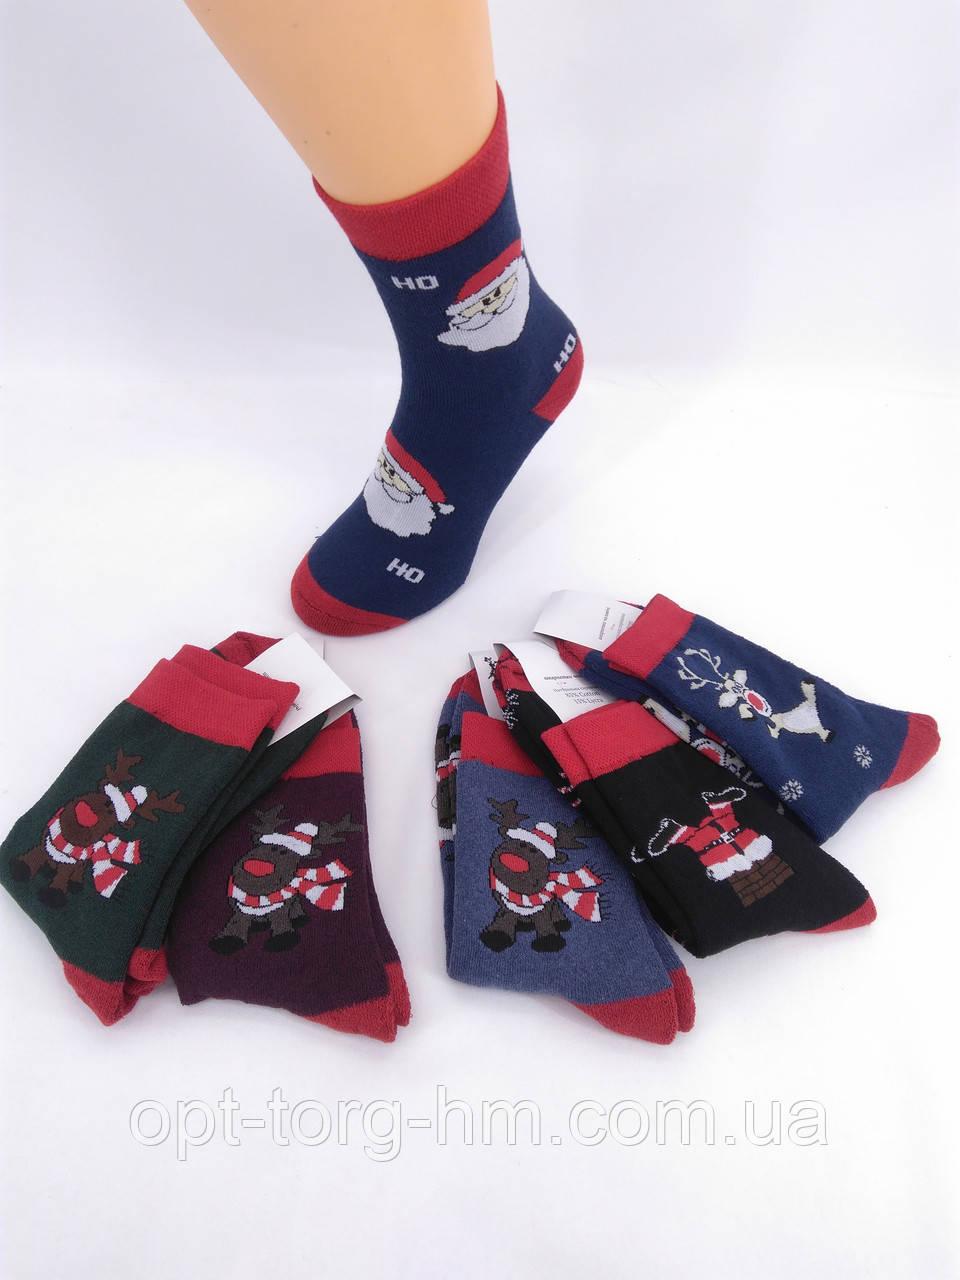 Махровые мужские носки Новогодний микс 40-46